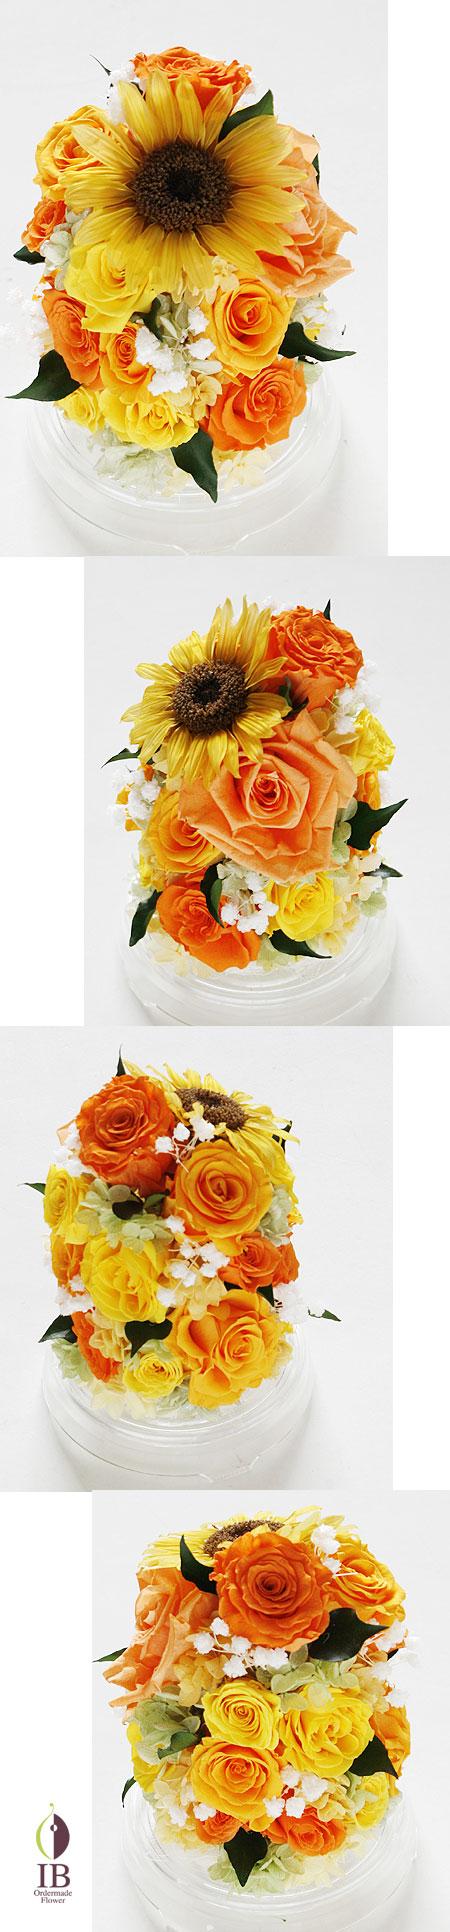 オーダーメイド 結婚式のお花